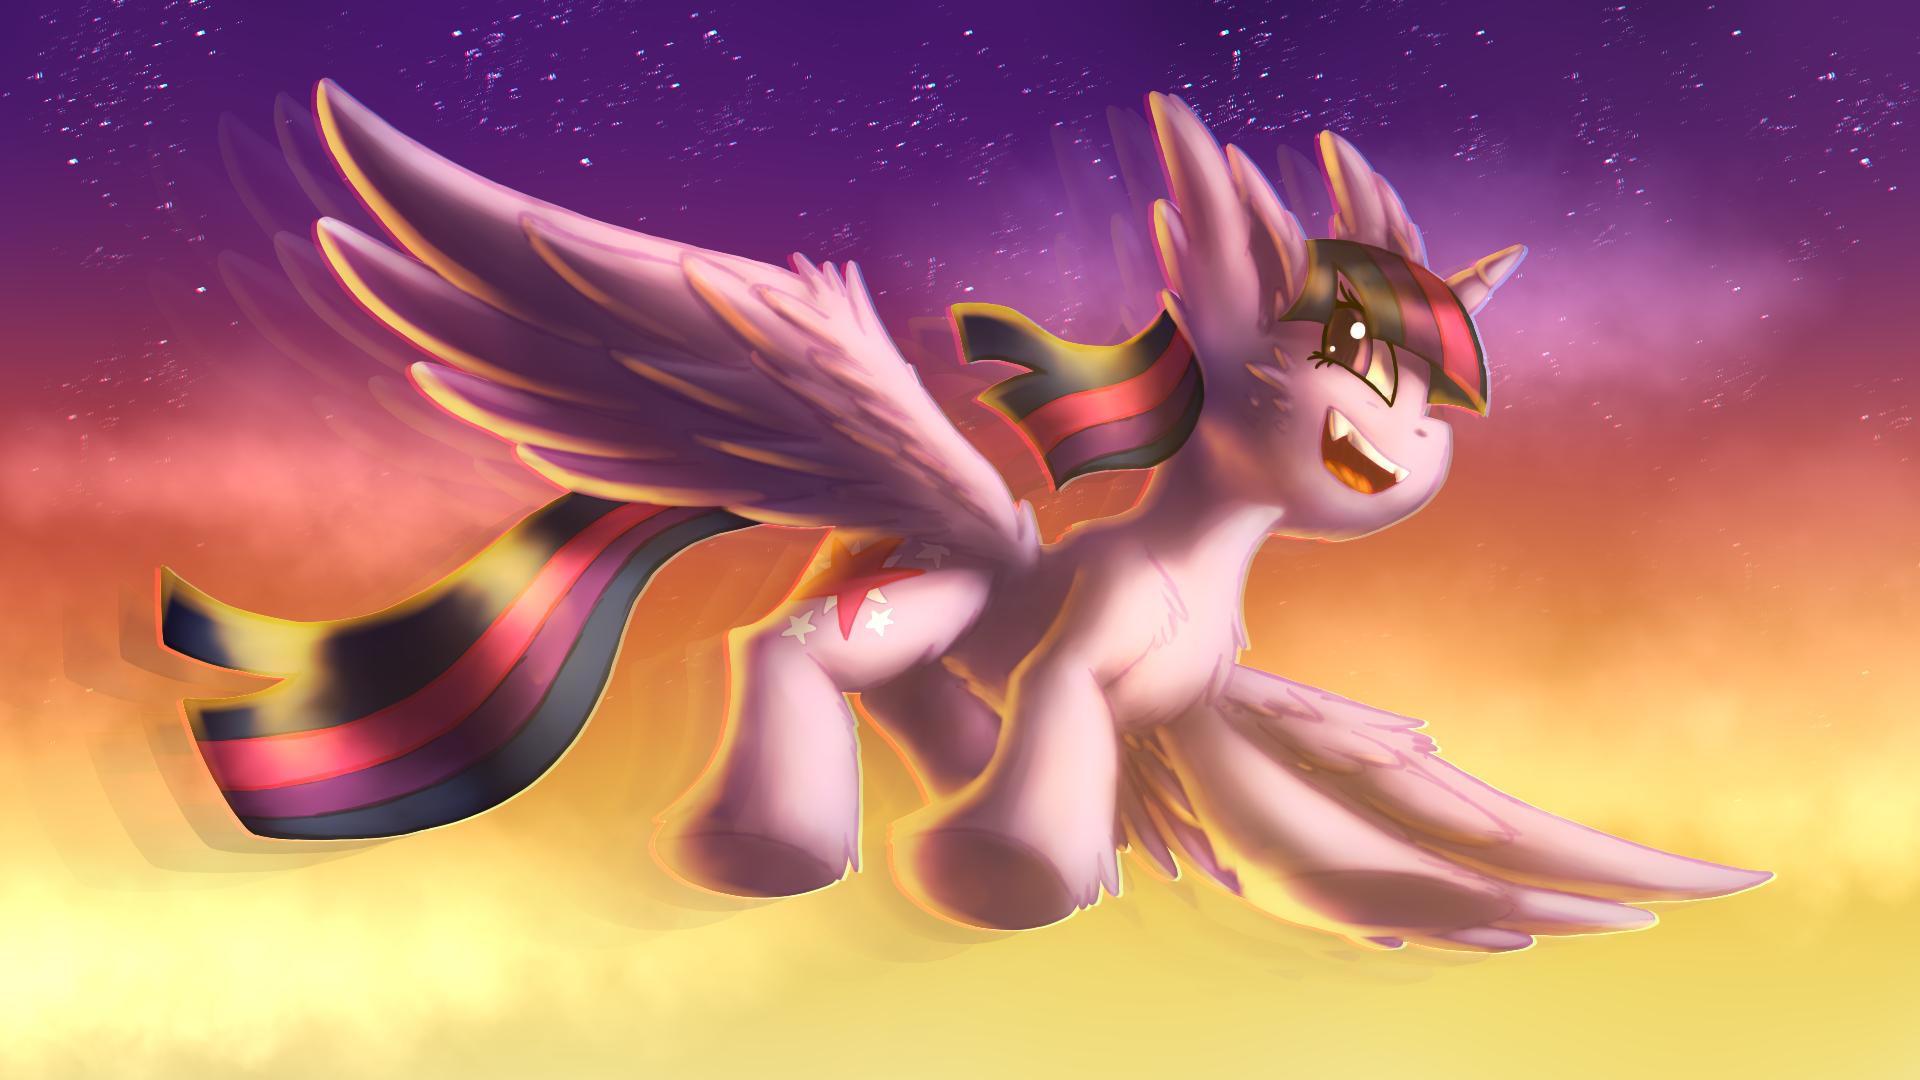 Flight by Shad0w-Galaxy